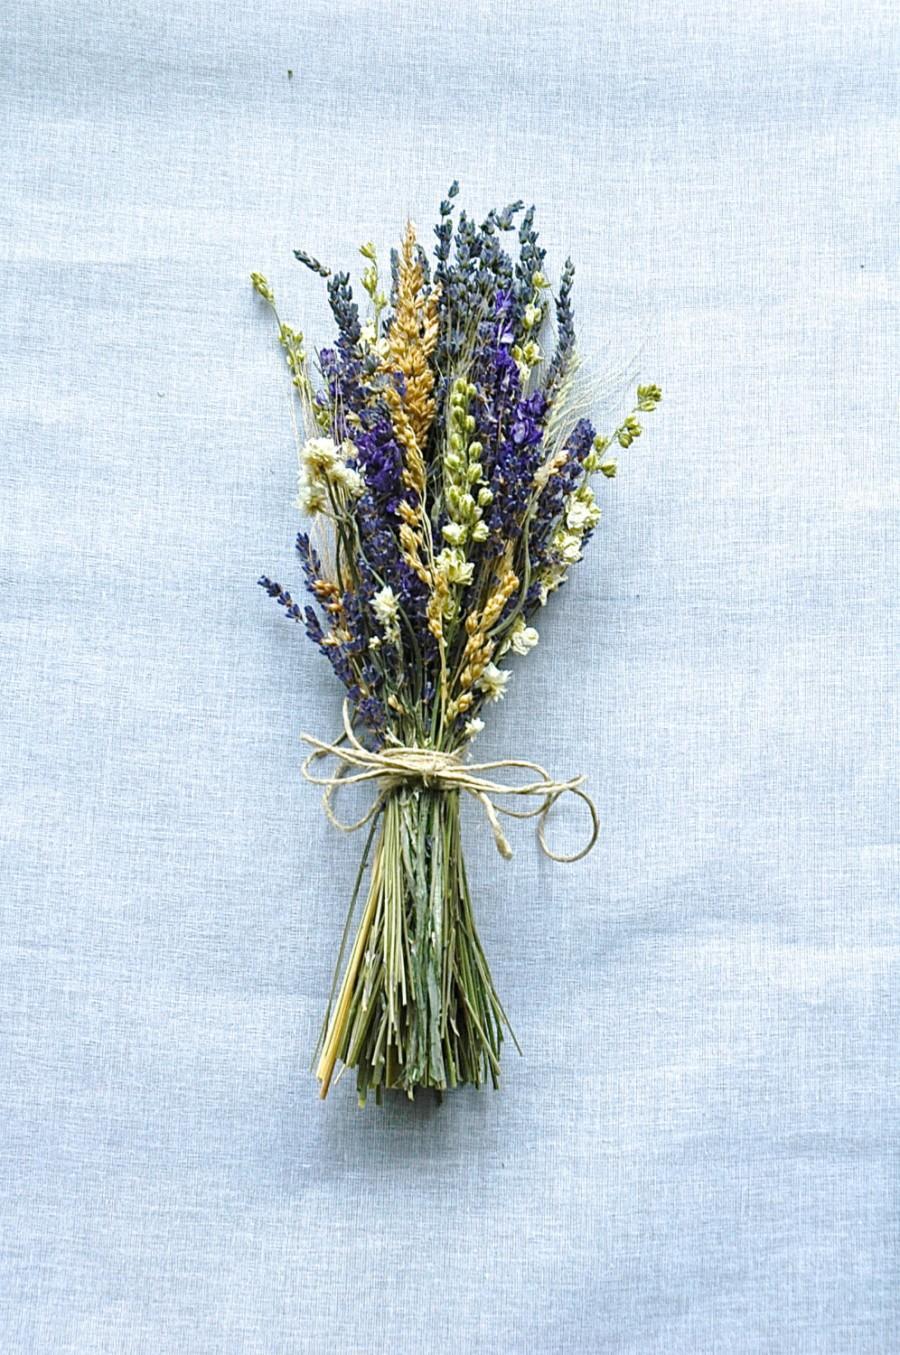 Hochzeit - 2 Summer Wedding Bridesmaid Bouquets of Montana Lavender  Larkspur and Wheat